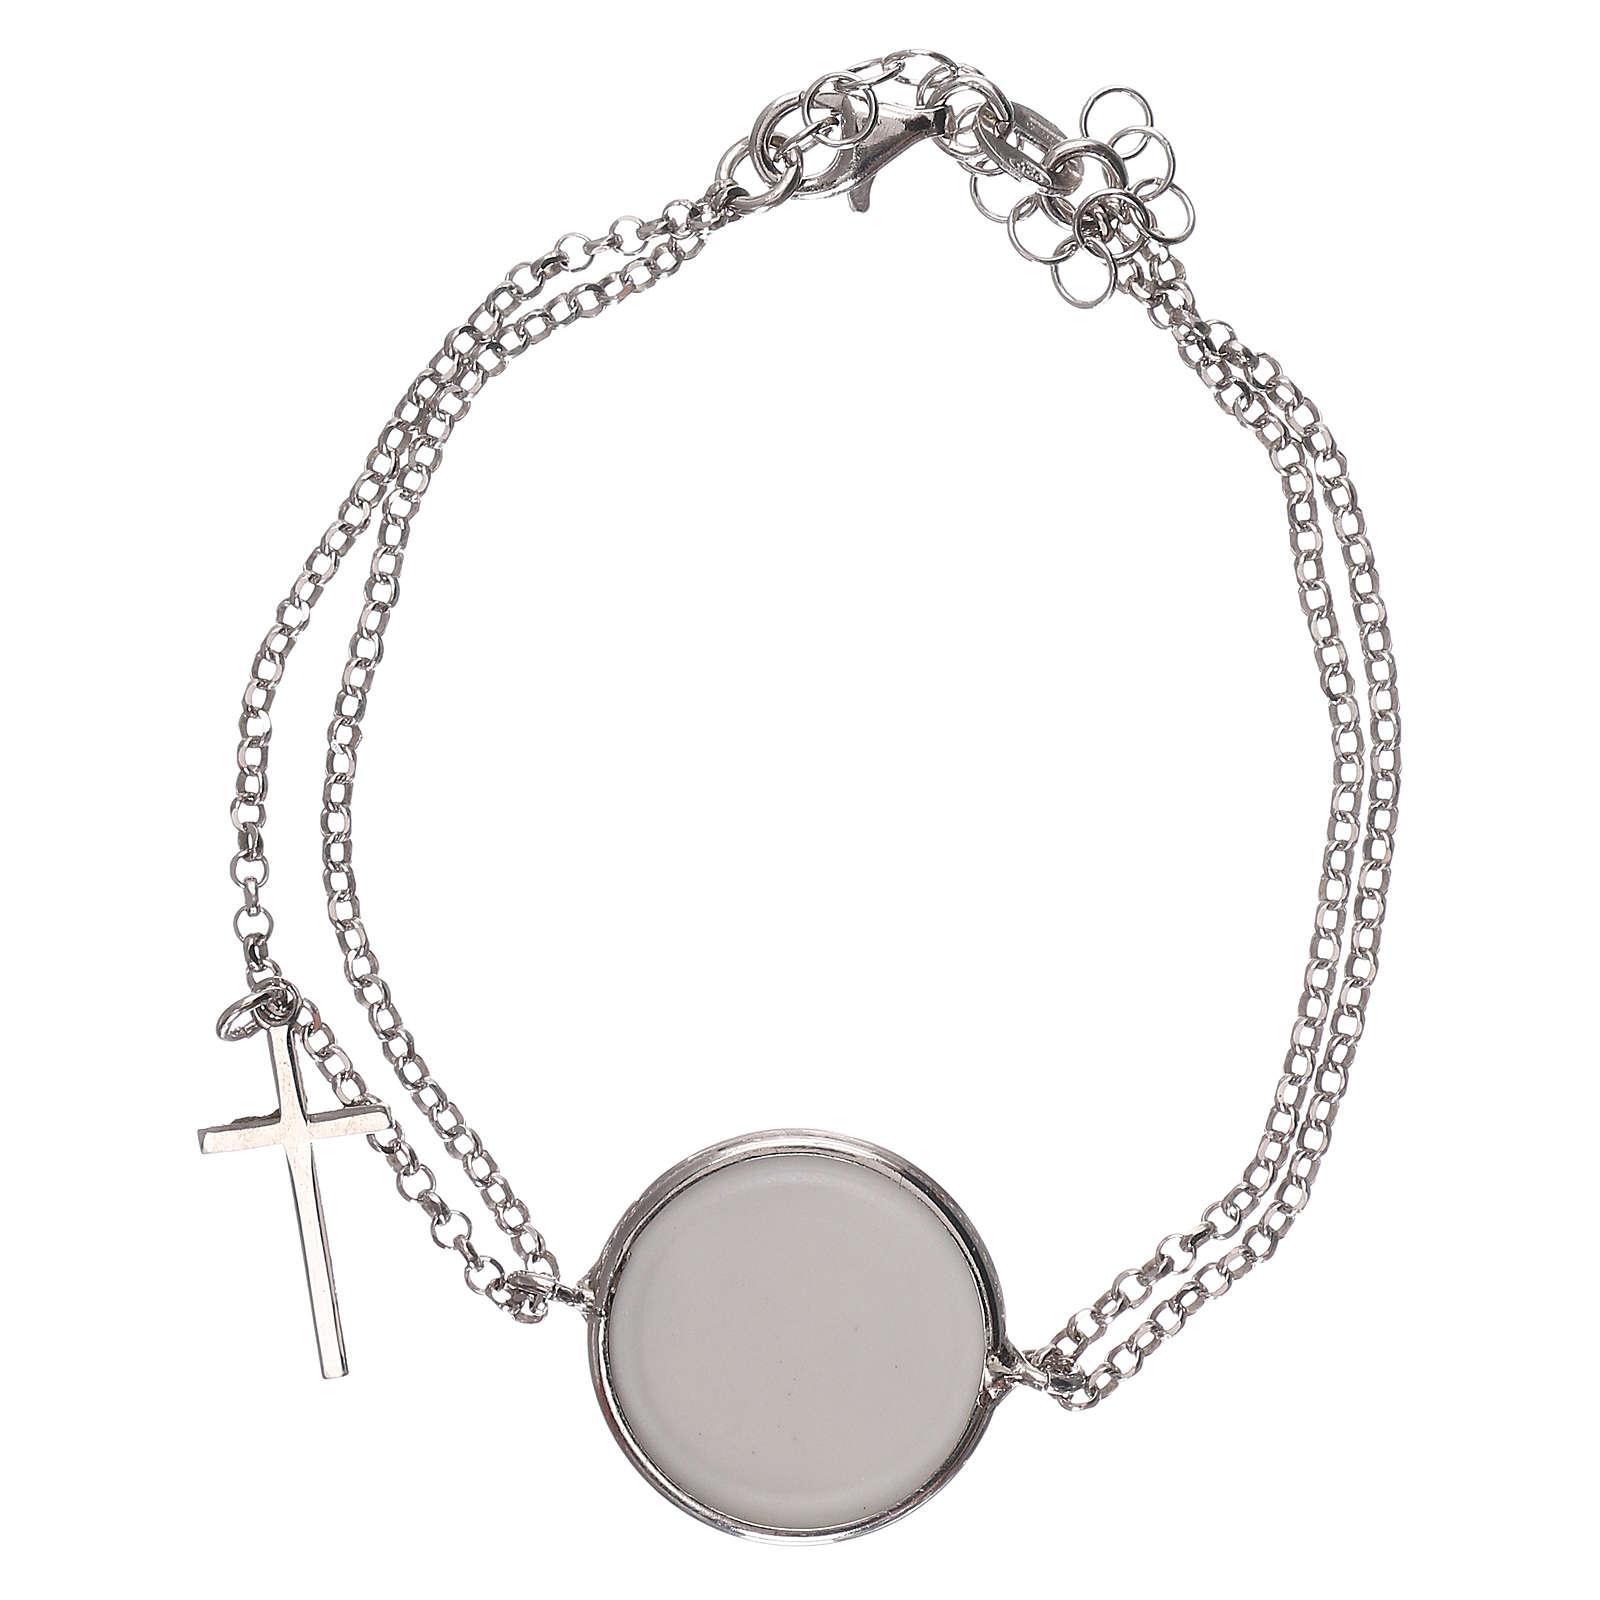 Braccialetto argento 925 catena doppia con medaglia 4